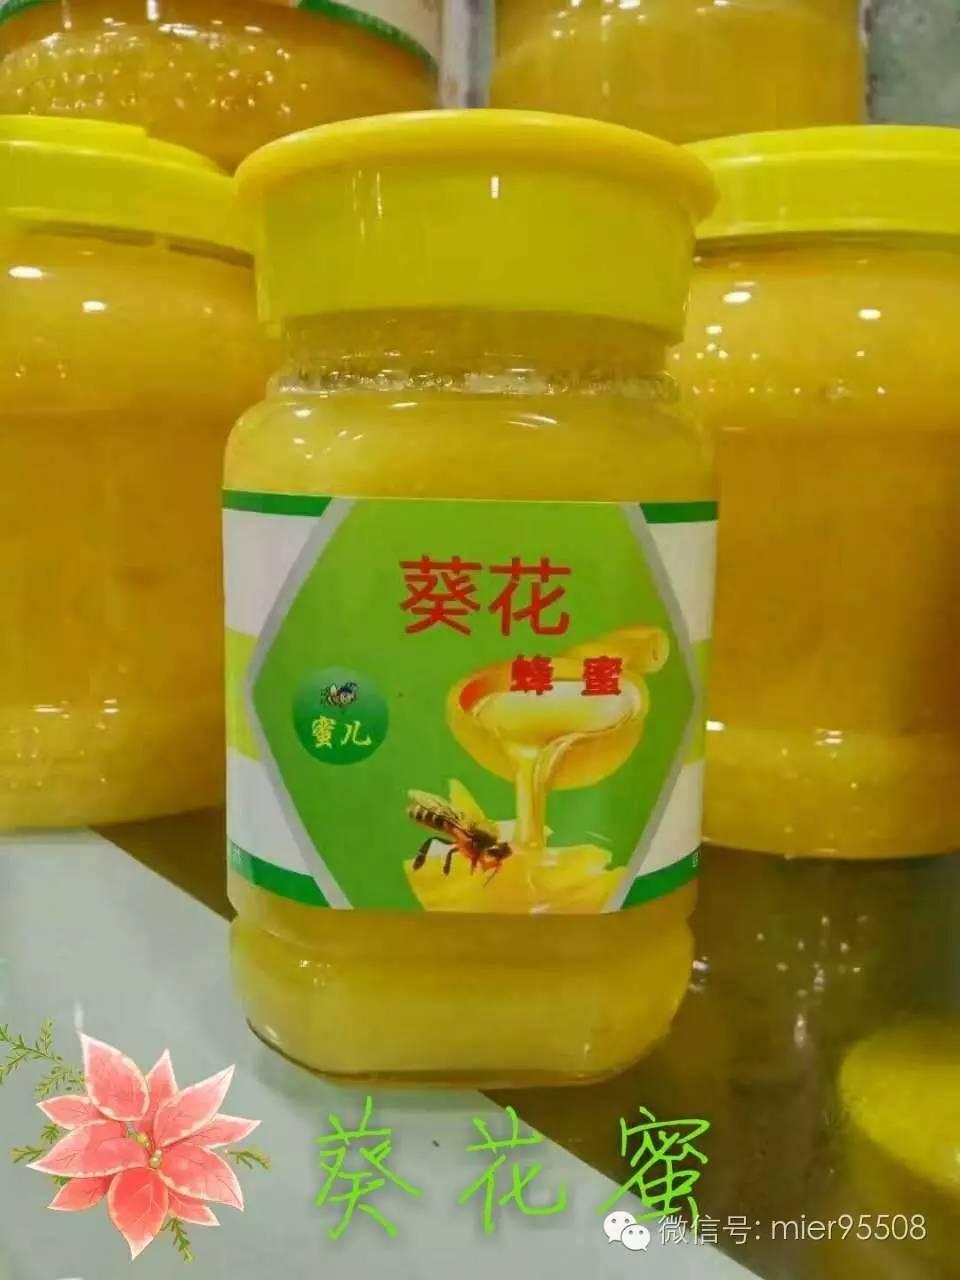 蜂蜜深加工 三七粉蜂蜜 蜂蜜玫瑰花茶 蜂蜜那个品牌好 葵花蜂蜜